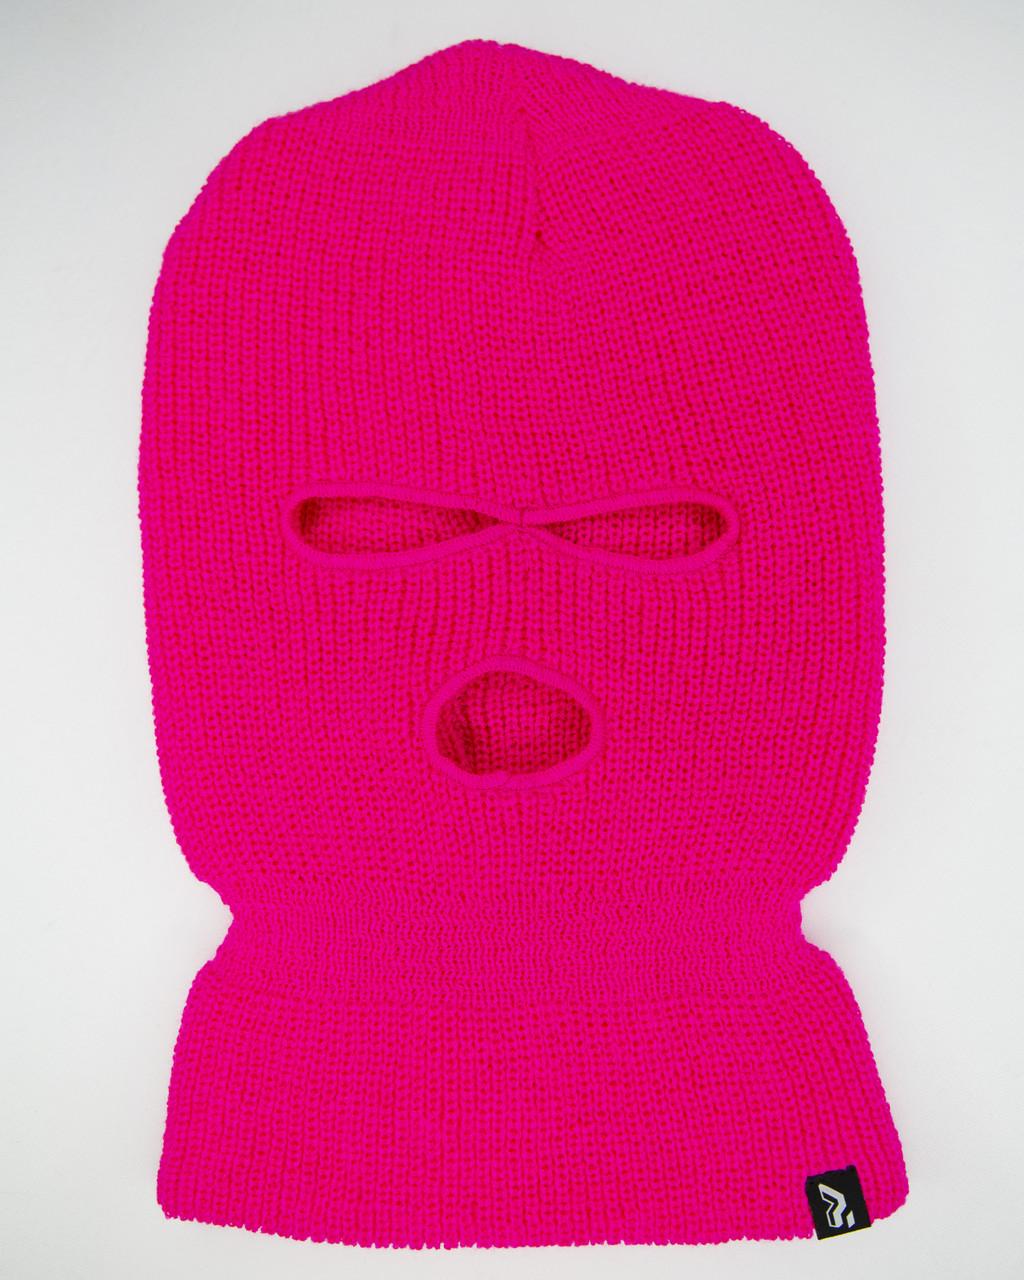 Шапка зимняя Billie Eilish розовая